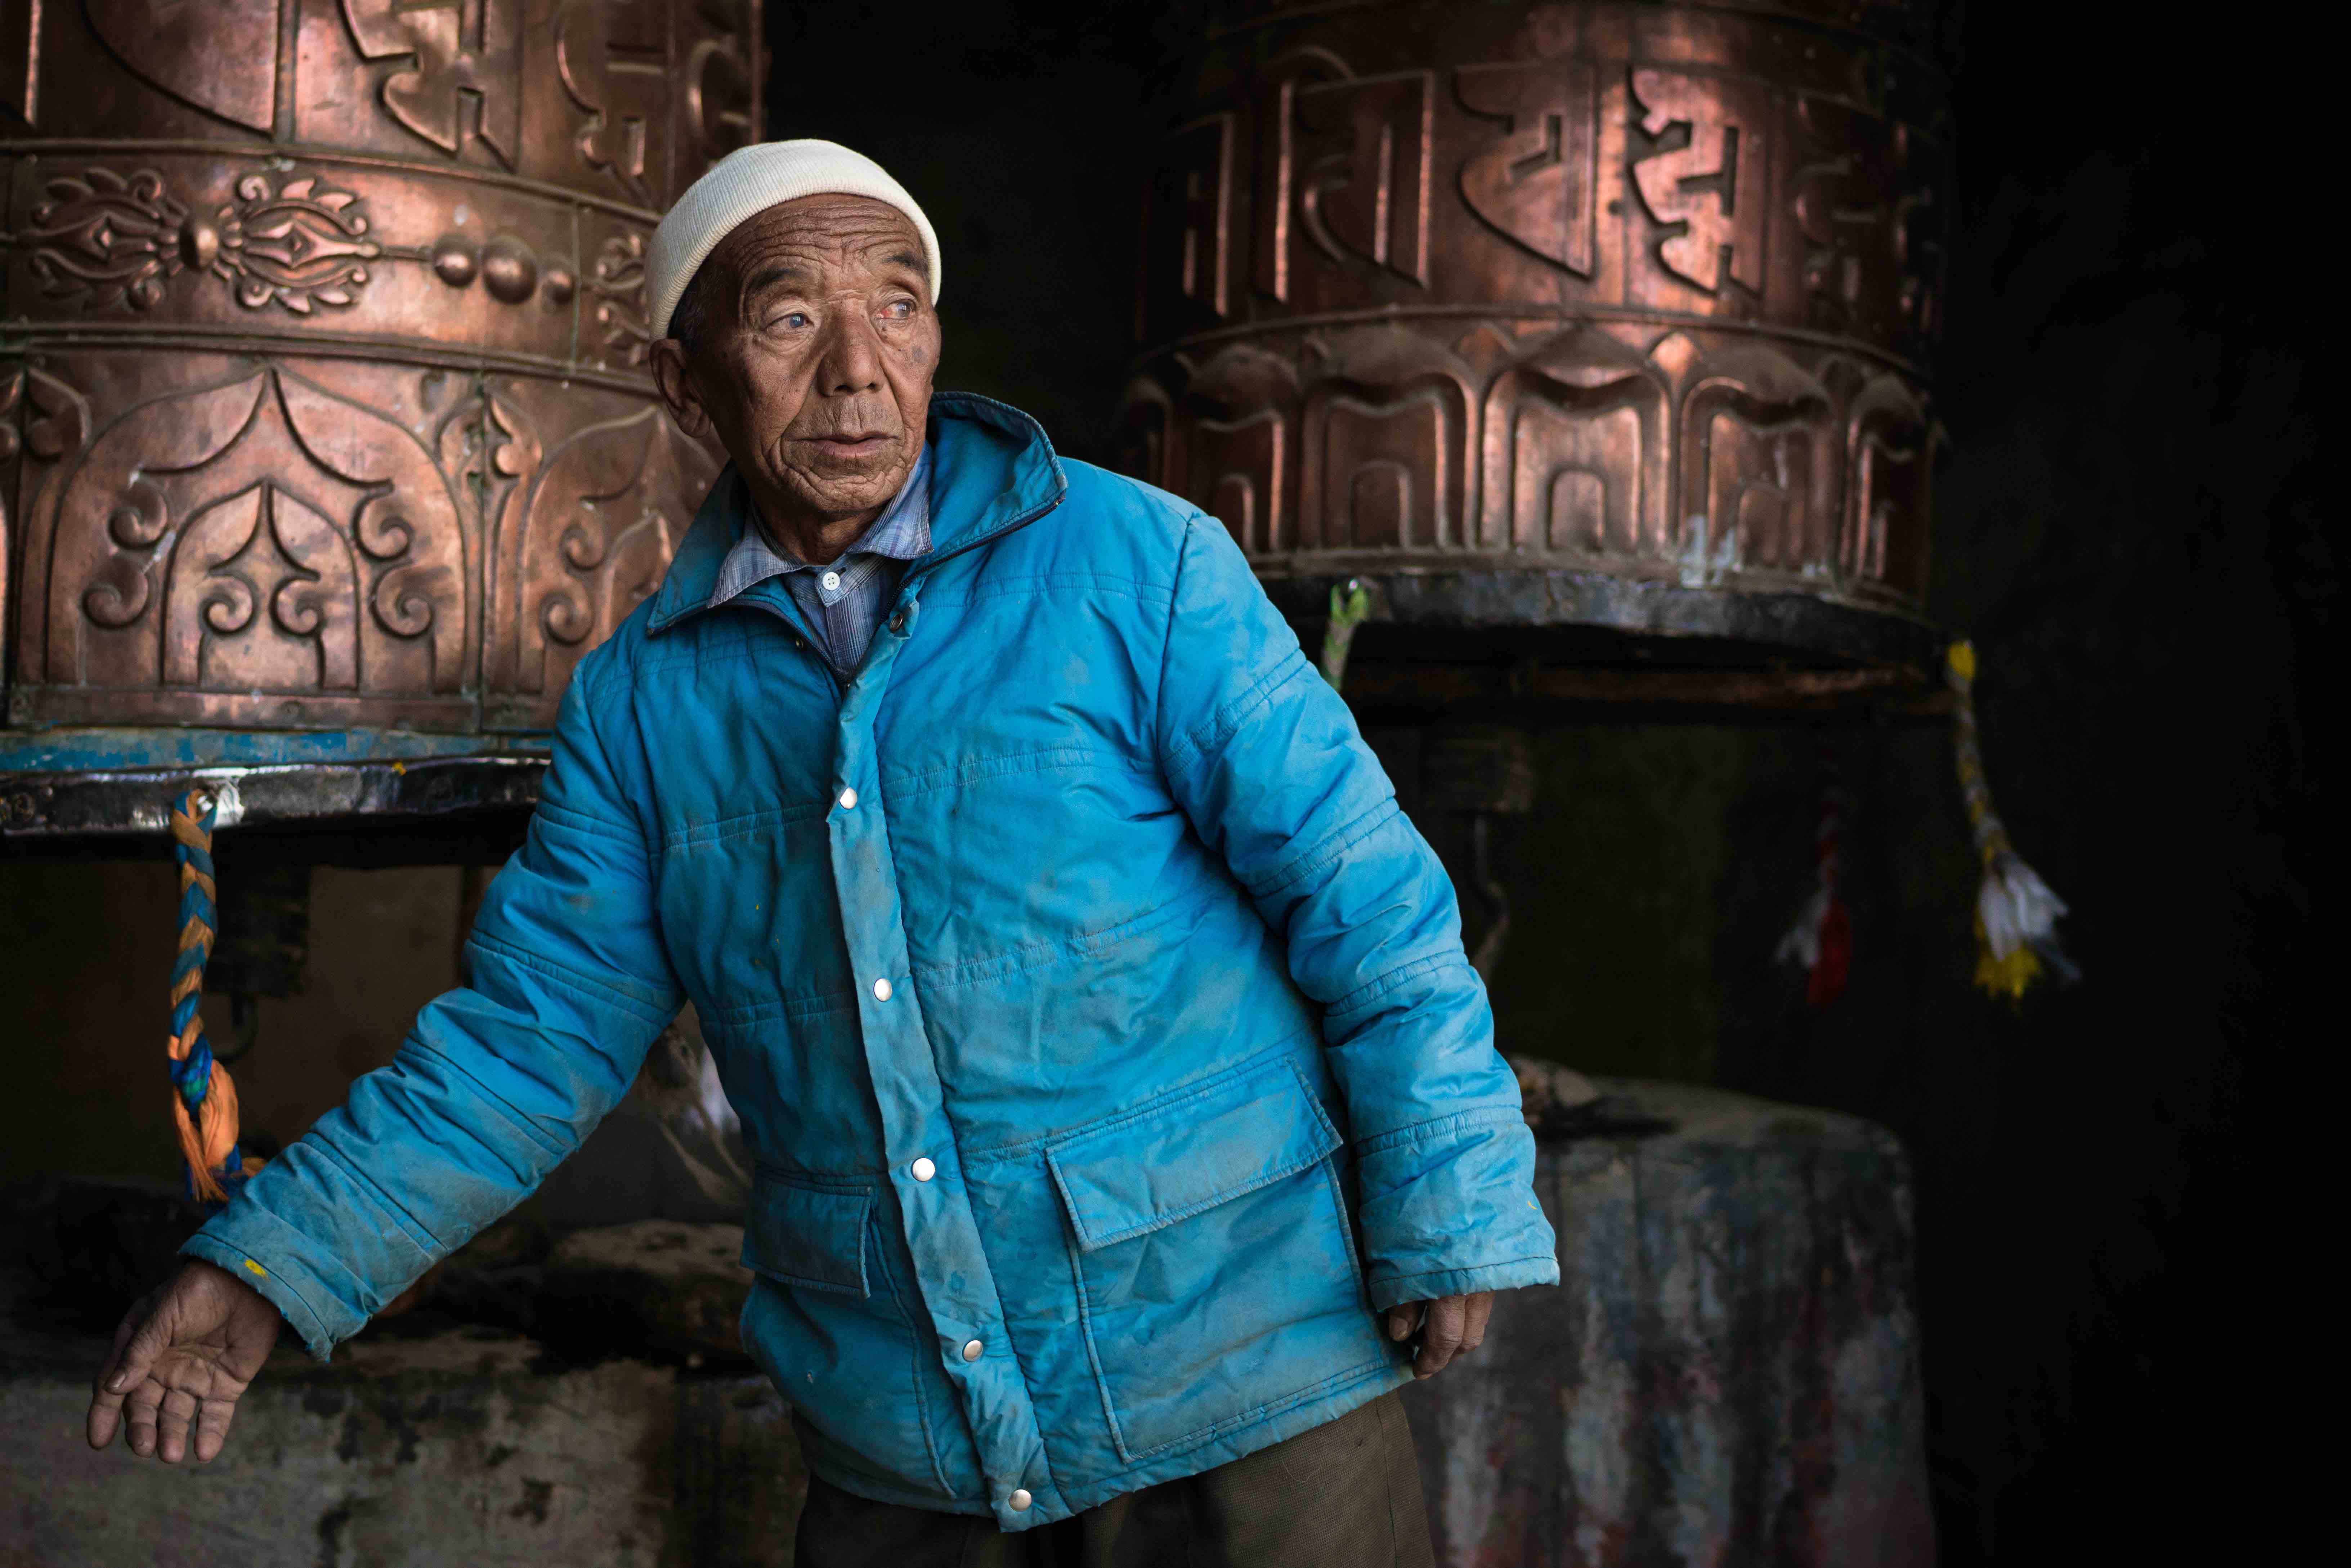 mustang-nepal-himalaya-expedition-02489